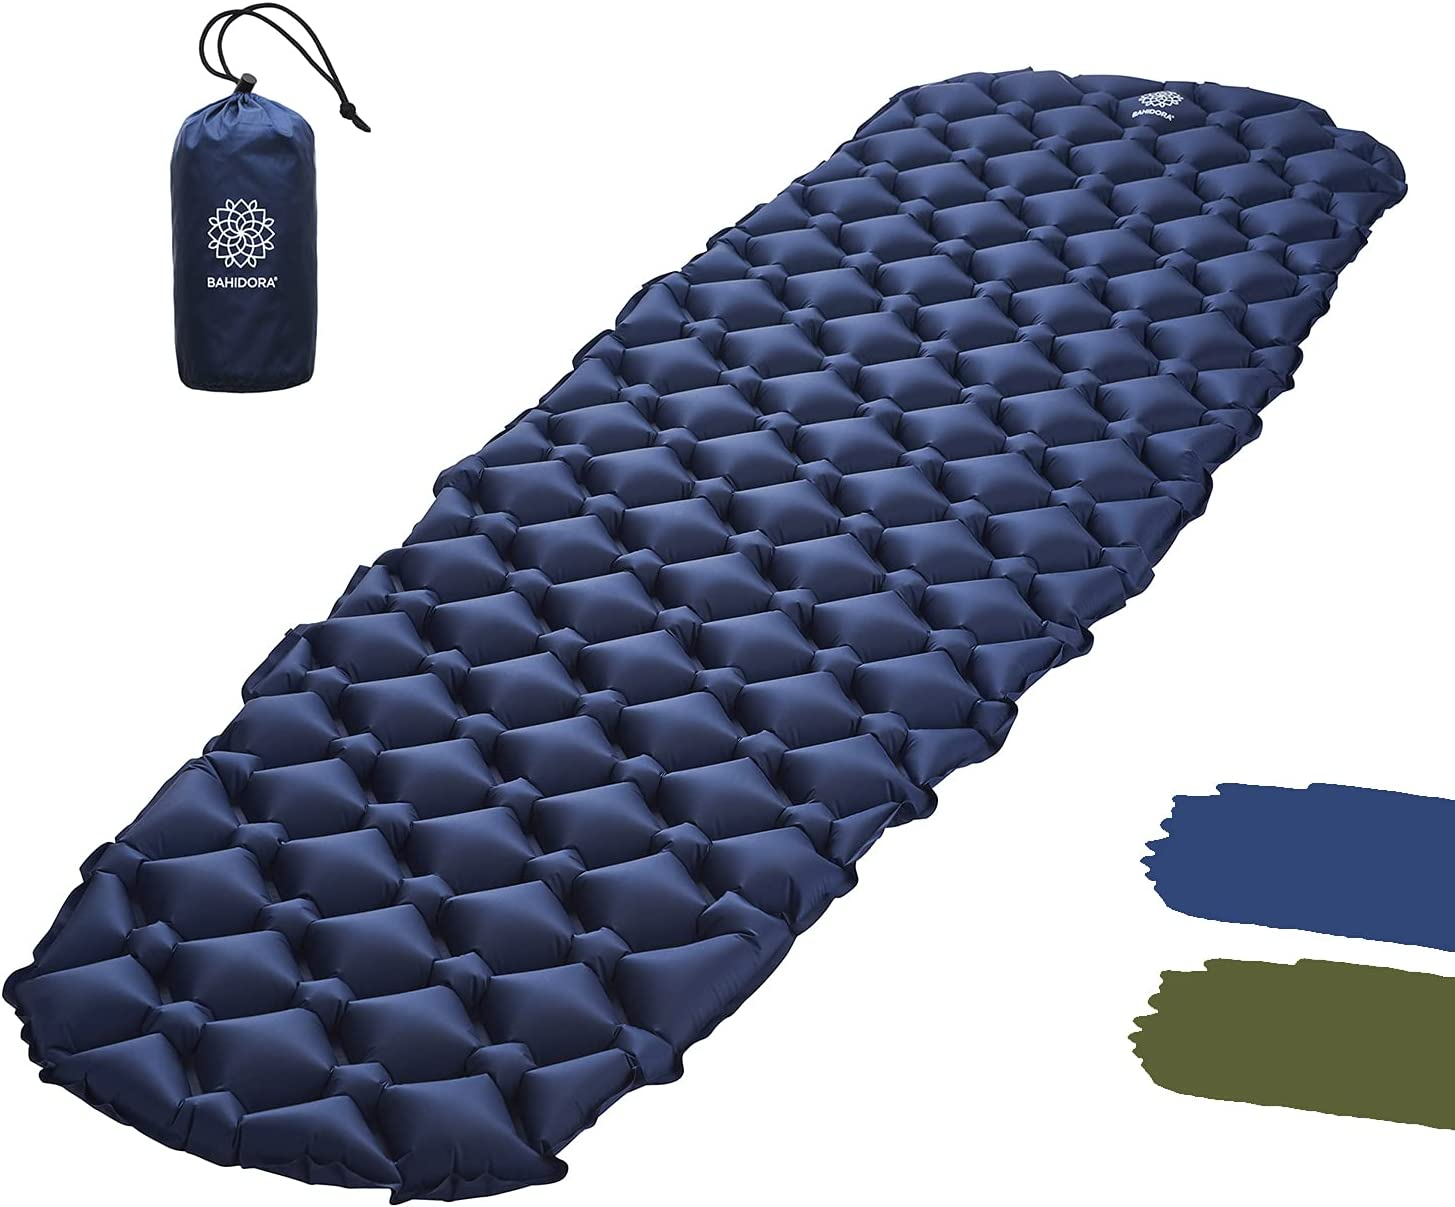 lahomie Isomatte Ultraleichte Campingmatte mit Kissen  aufblasbare Schlafmatte